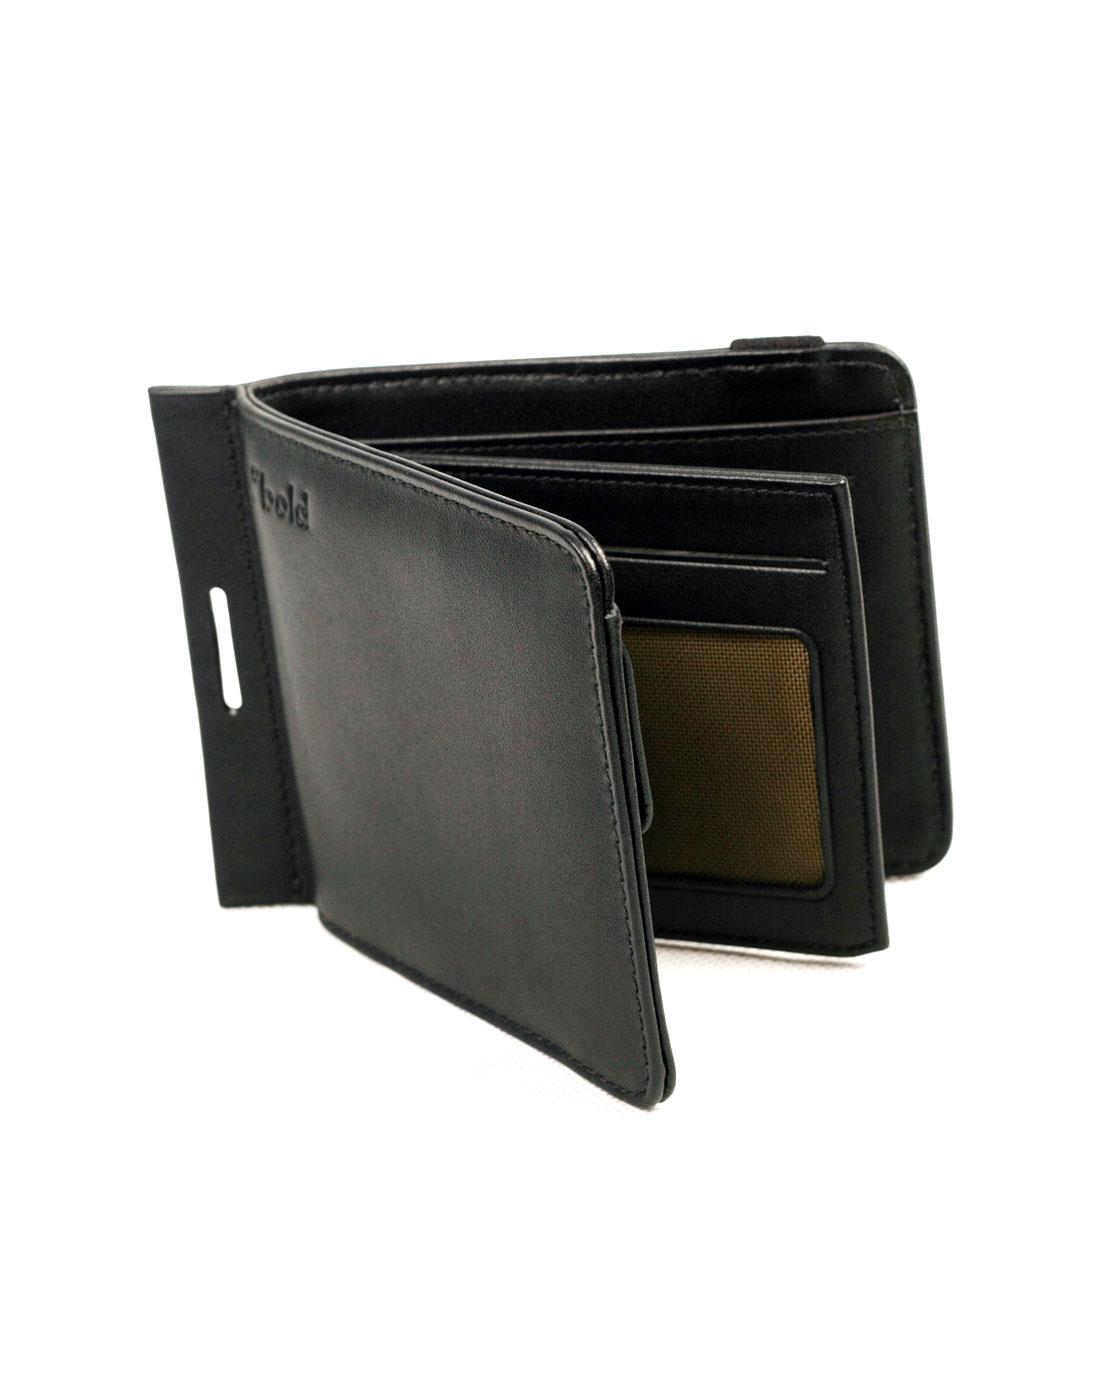 男款黑色皮夹_kobold-包包专场特价2.6-4.1折